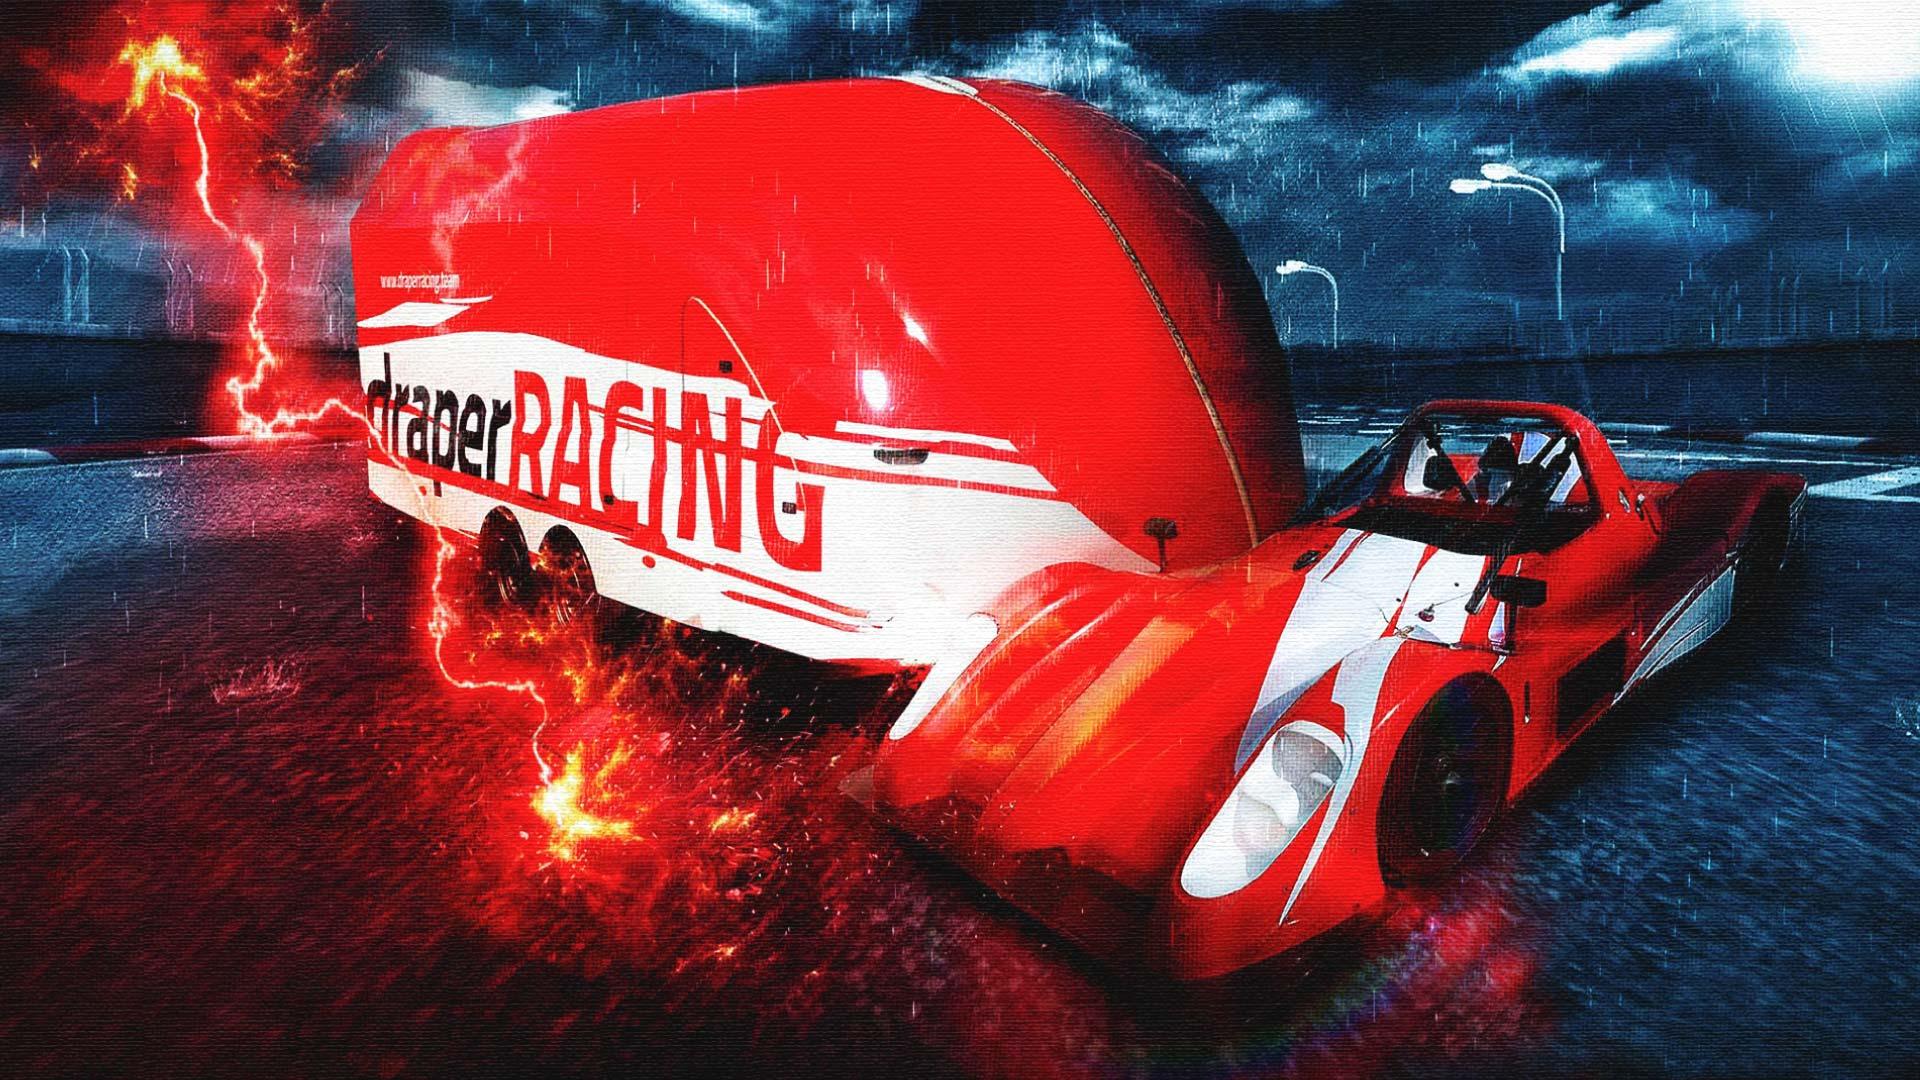 home-draper-racing